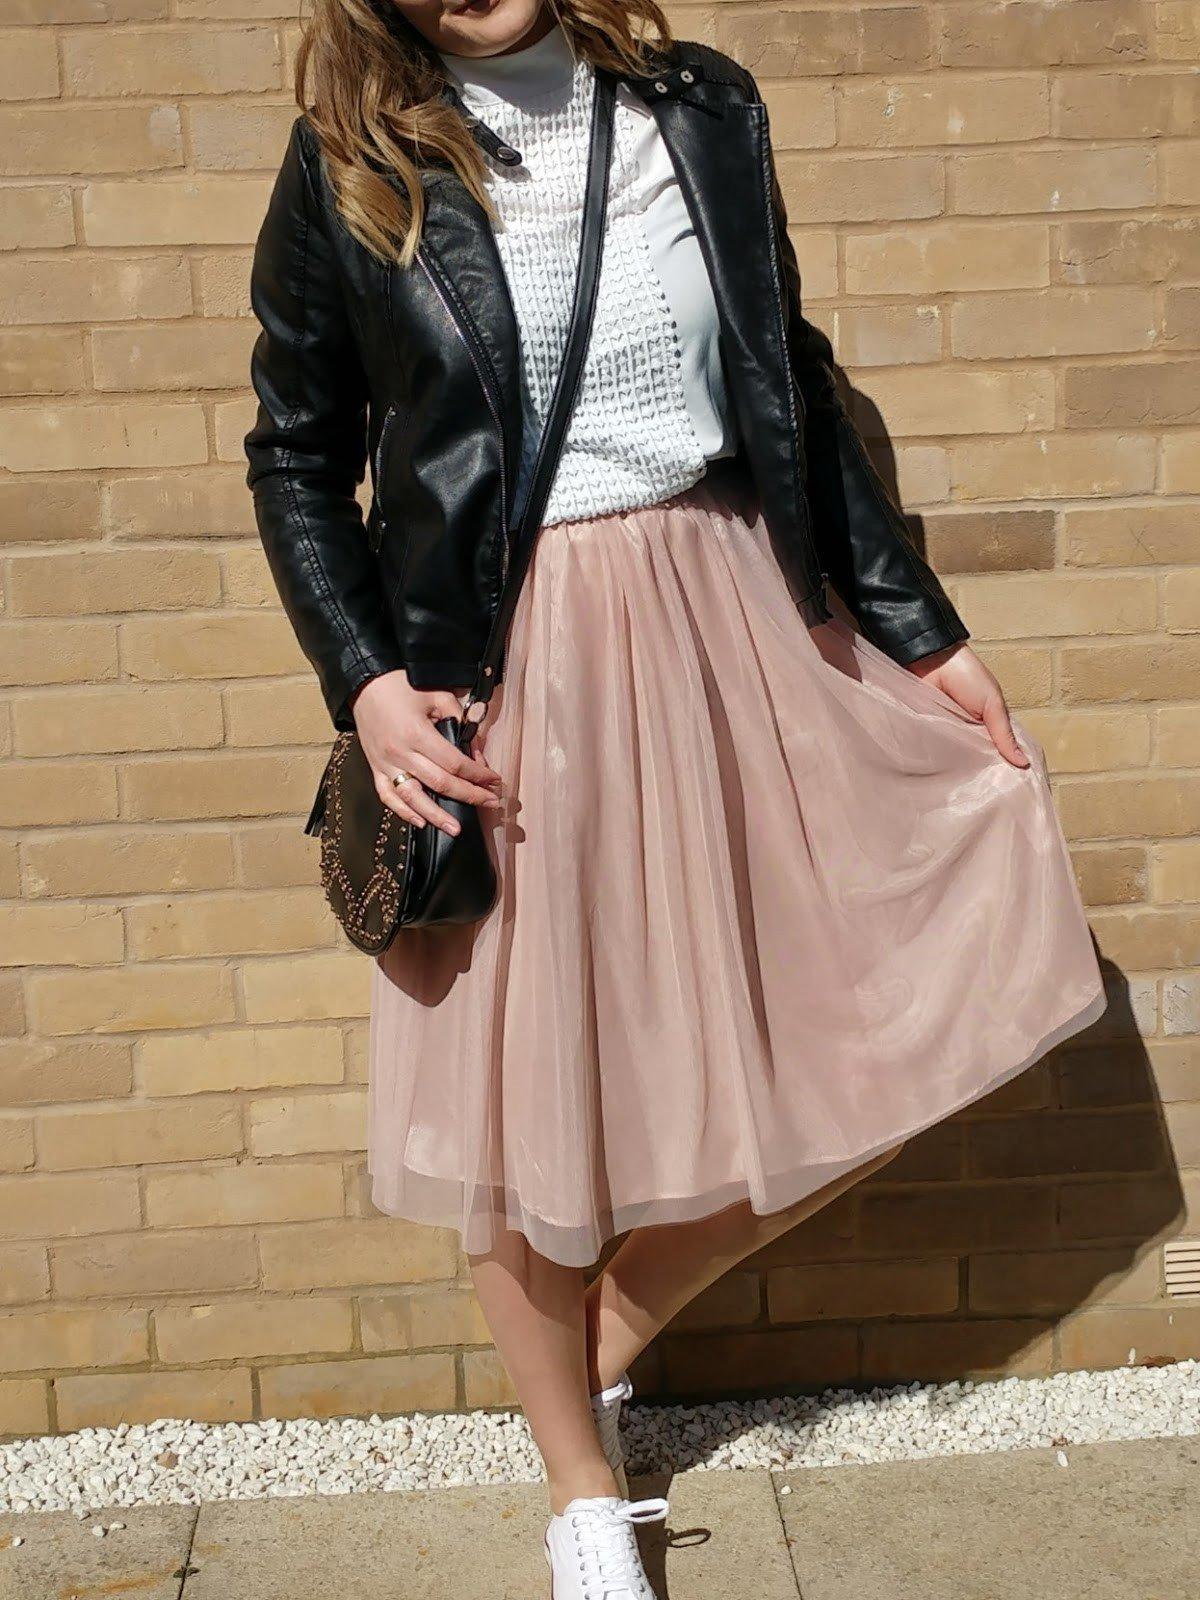 бежевая юбка пачка и кожаная куртка